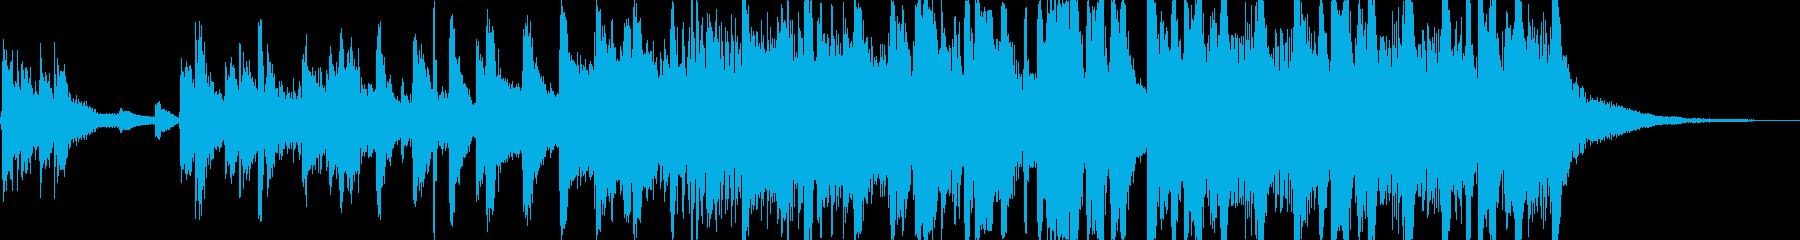 シネマティック サスペンス パーカ...の再生済みの波形